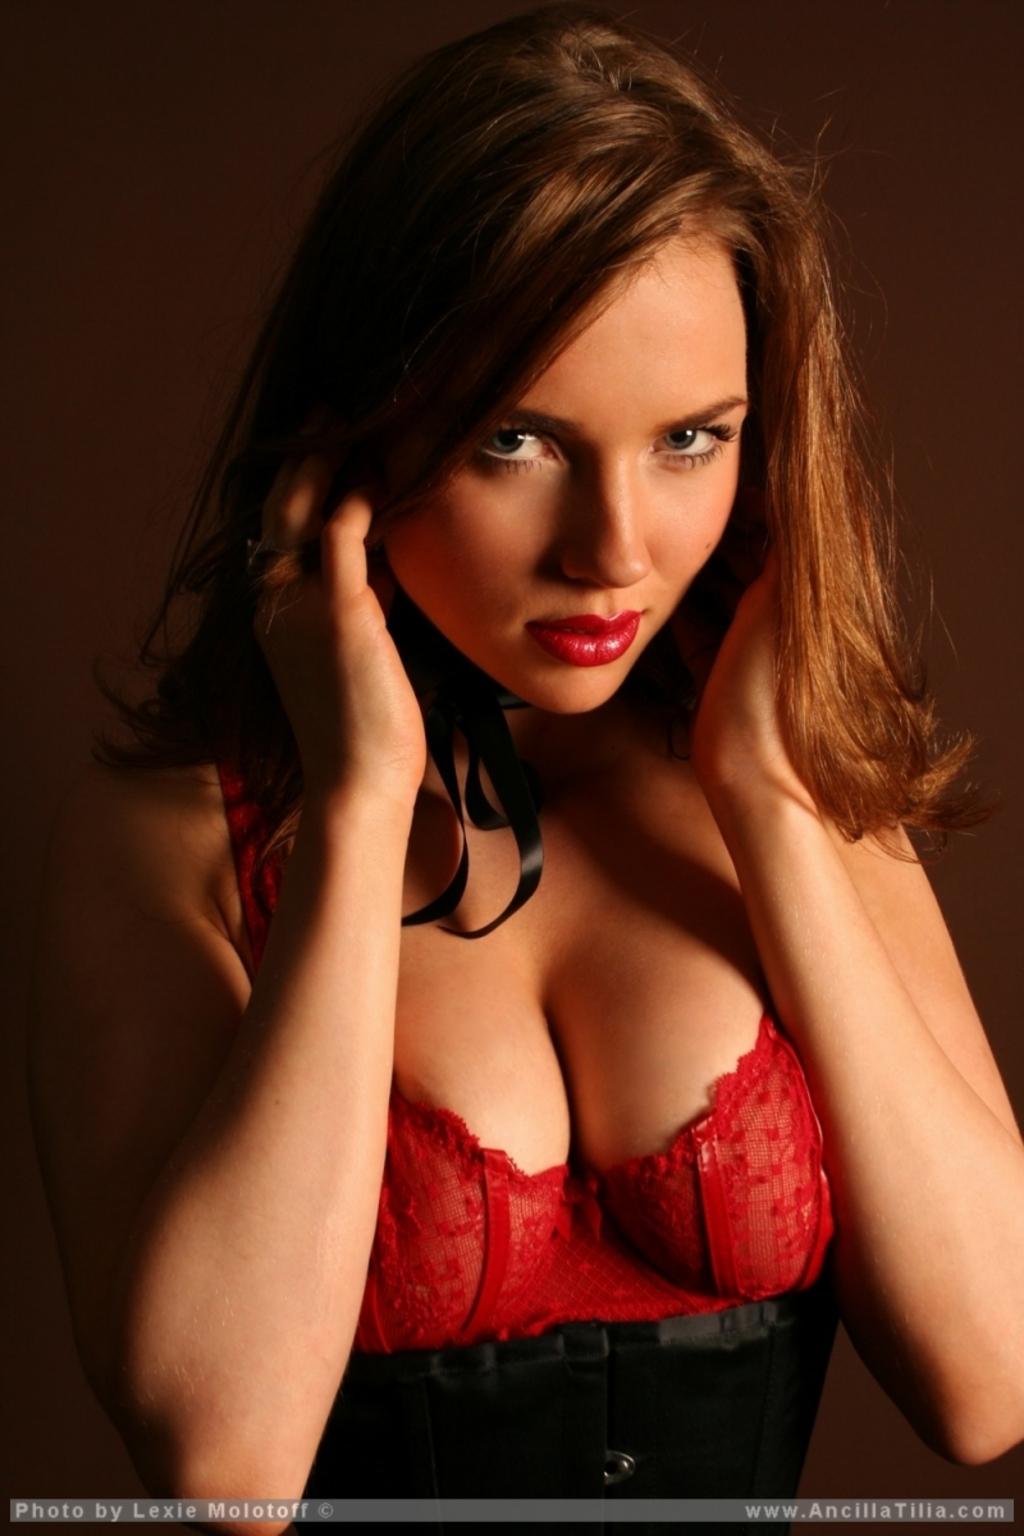 Ancilla Tilia Naked cherry nudes - ancilla tilia corset